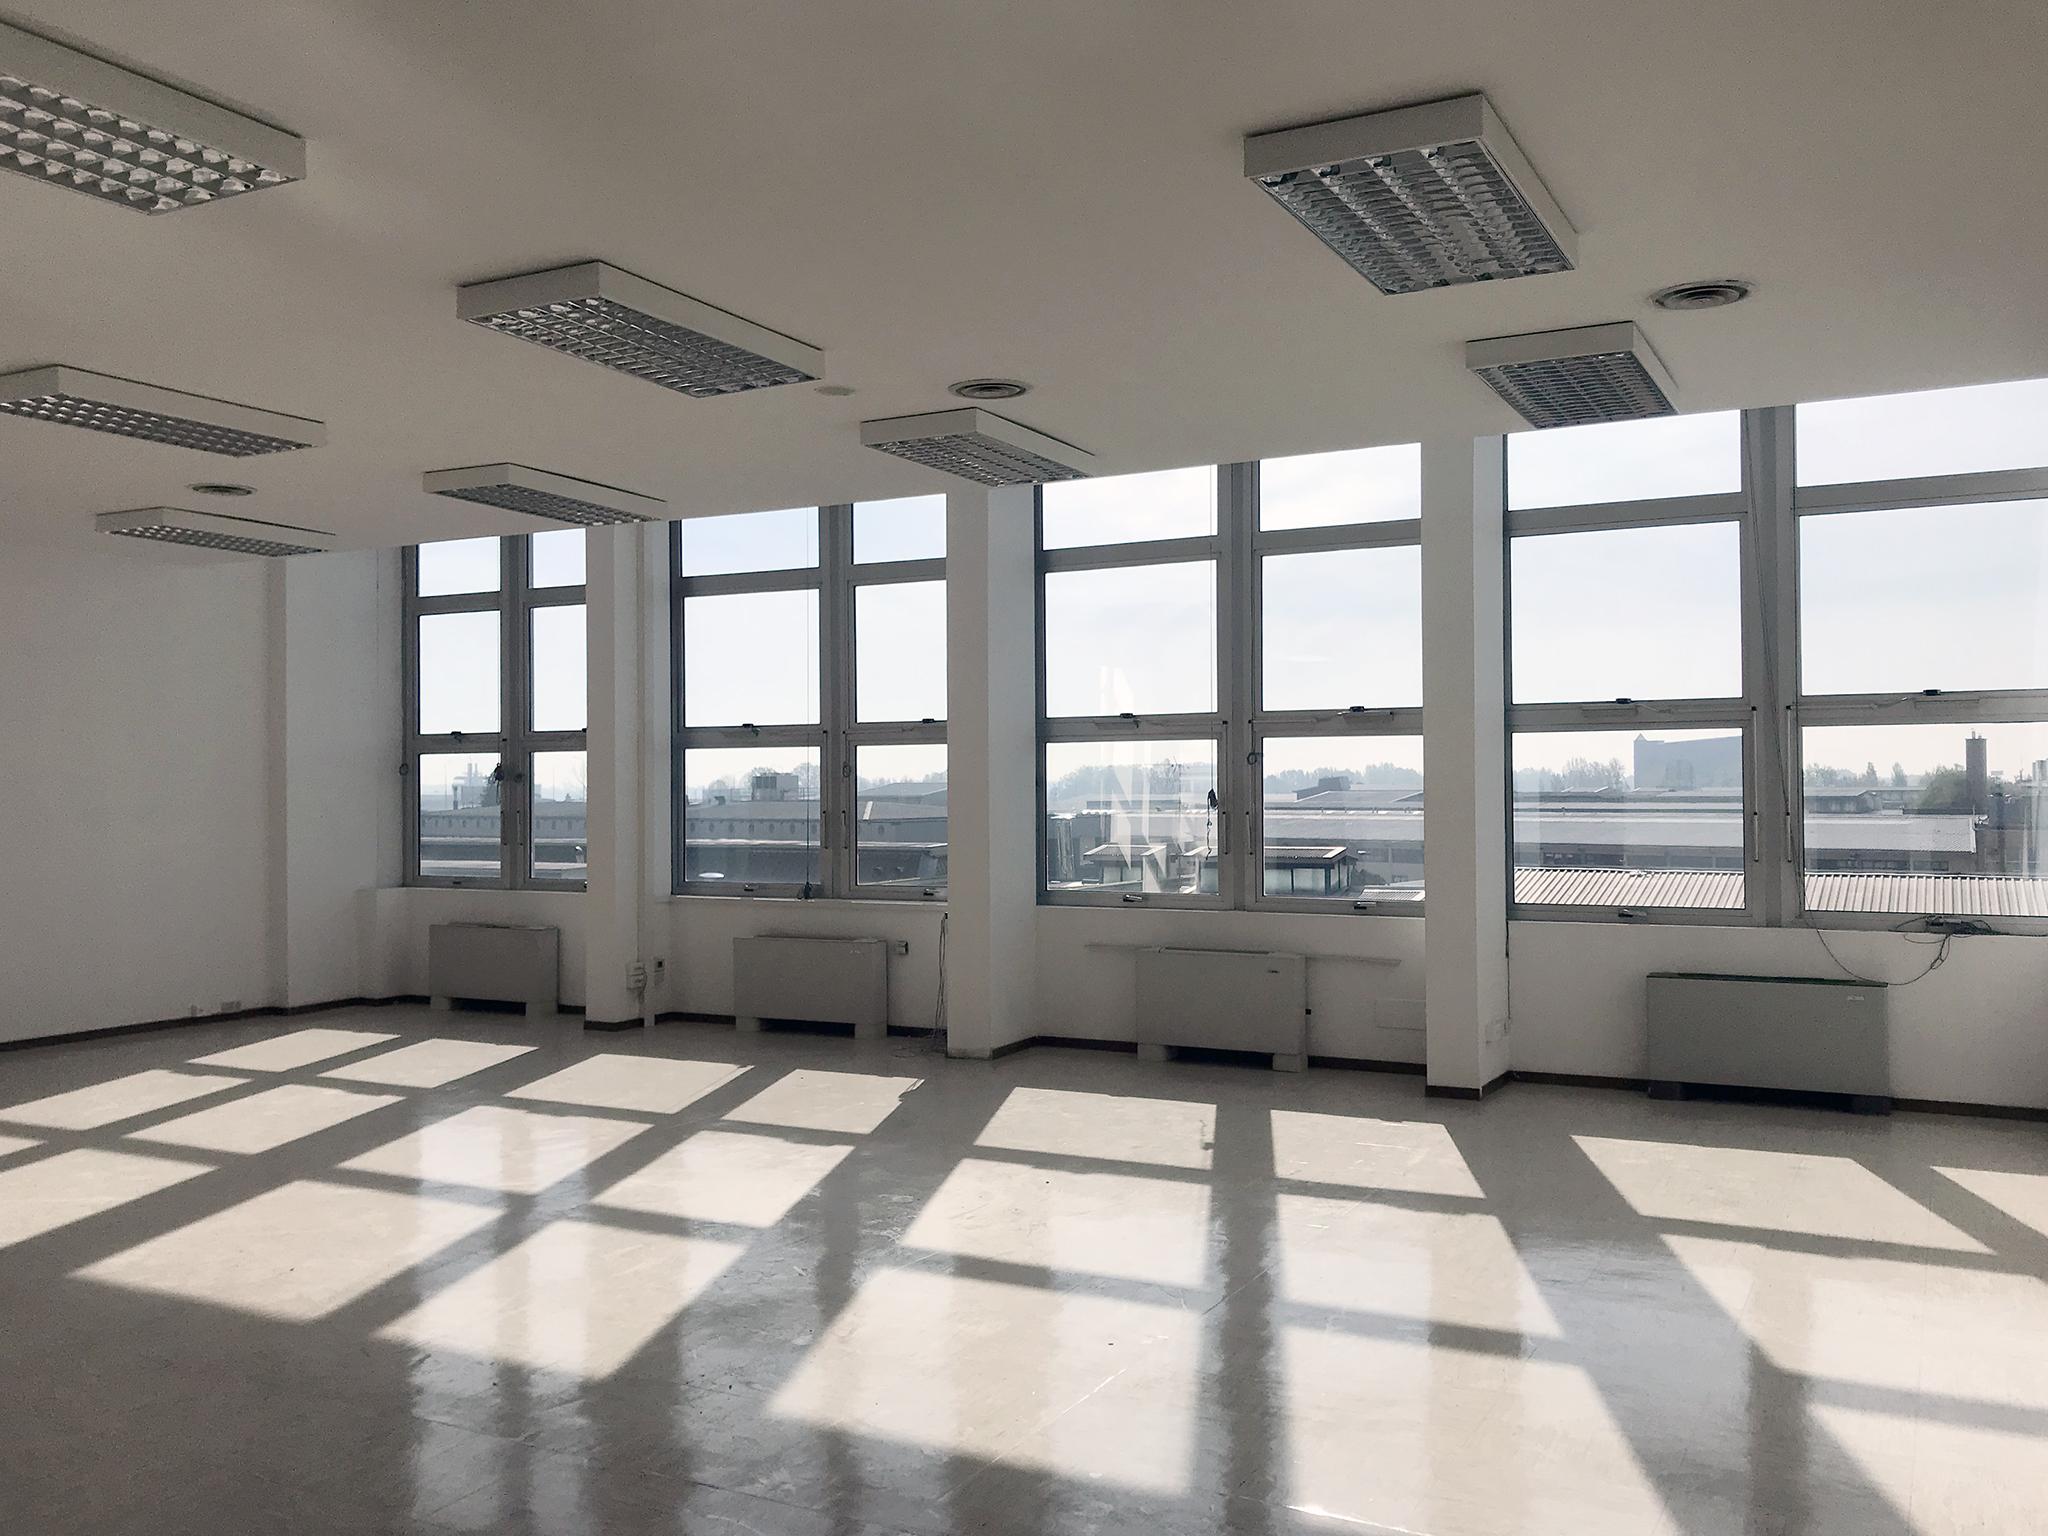 Office to rent in Milan 305 m² (3283 ft²) second floor